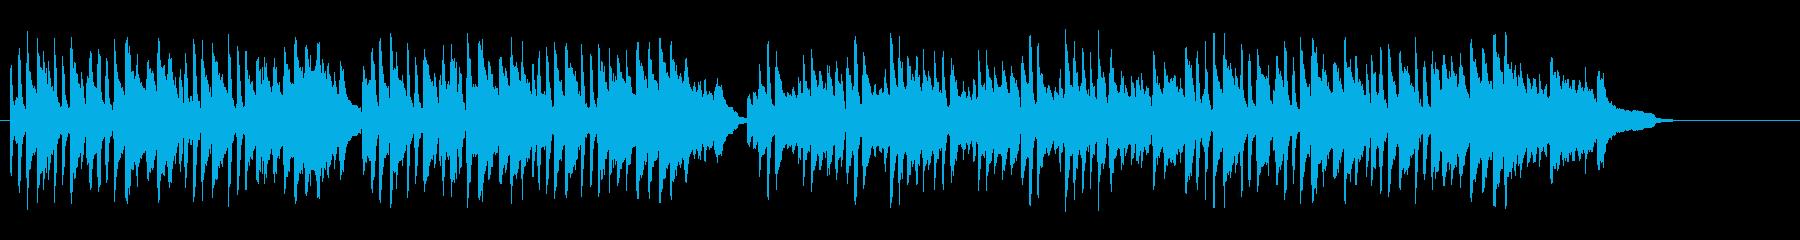 清涼感溢れるBG/ピアノソロの再生済みの波形